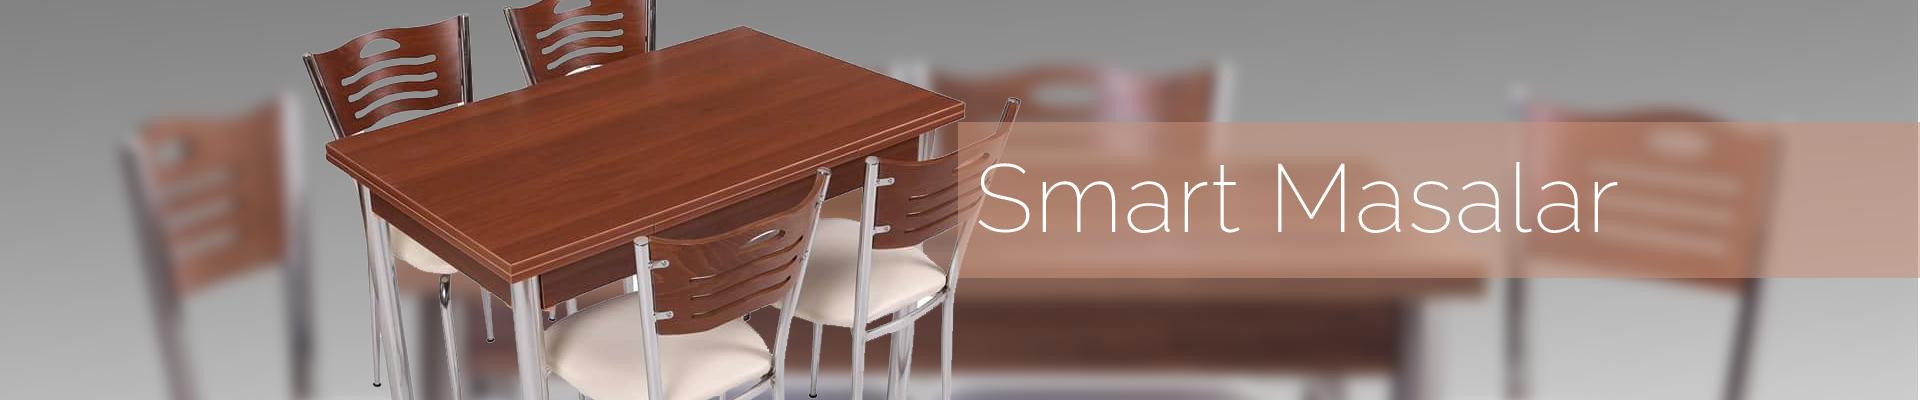 smart-masalar-1